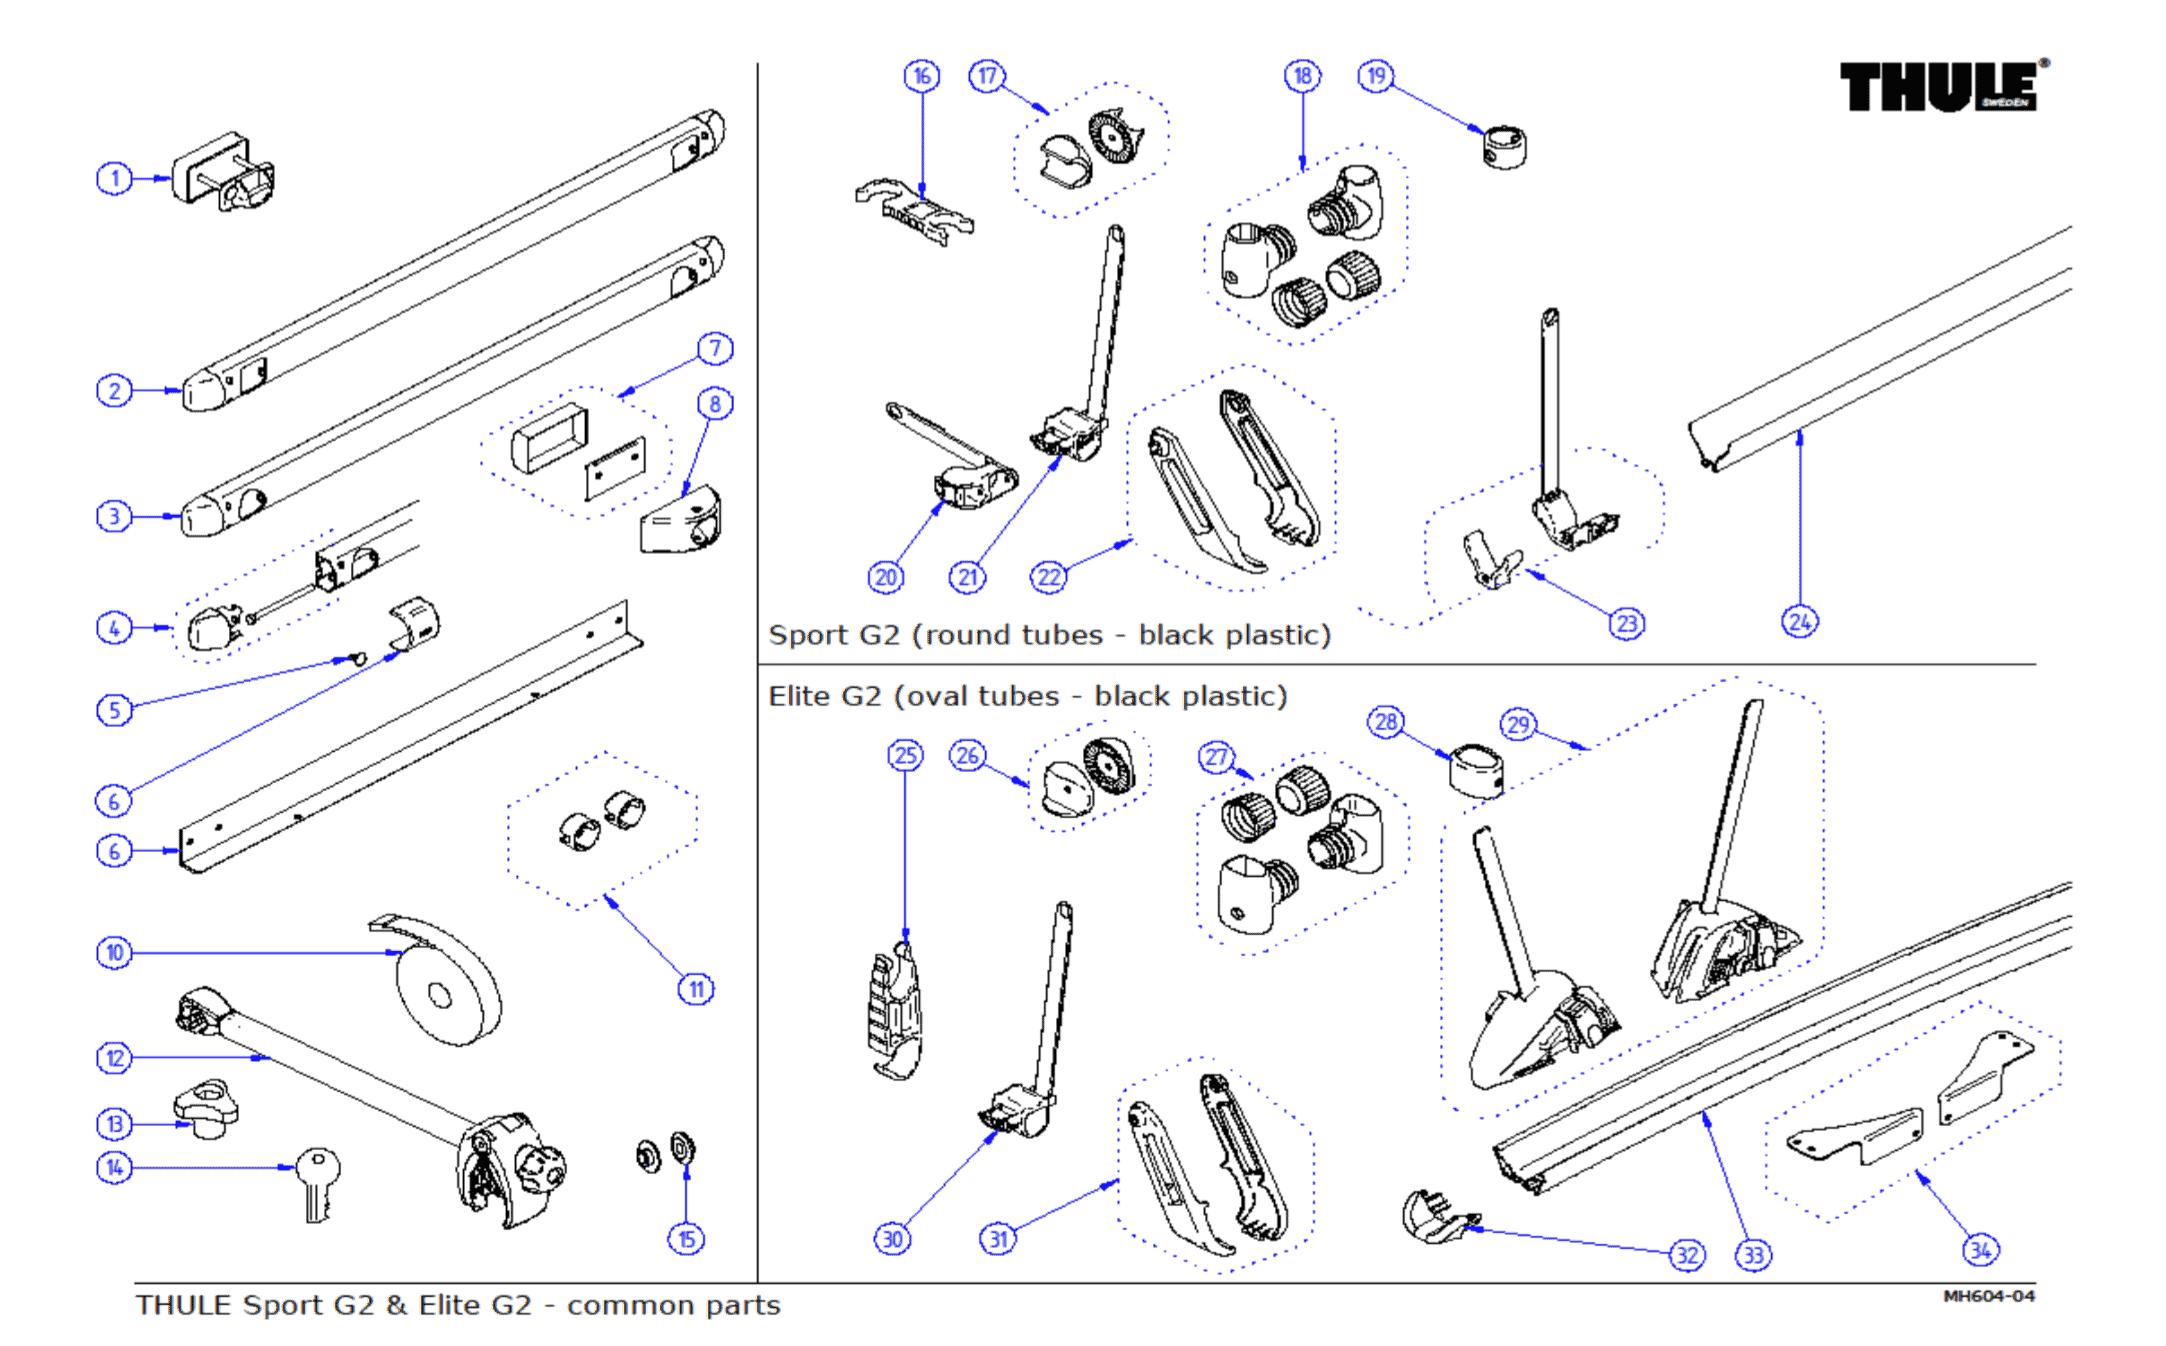 Thule Sport G2 & Elite G2 Common Parts